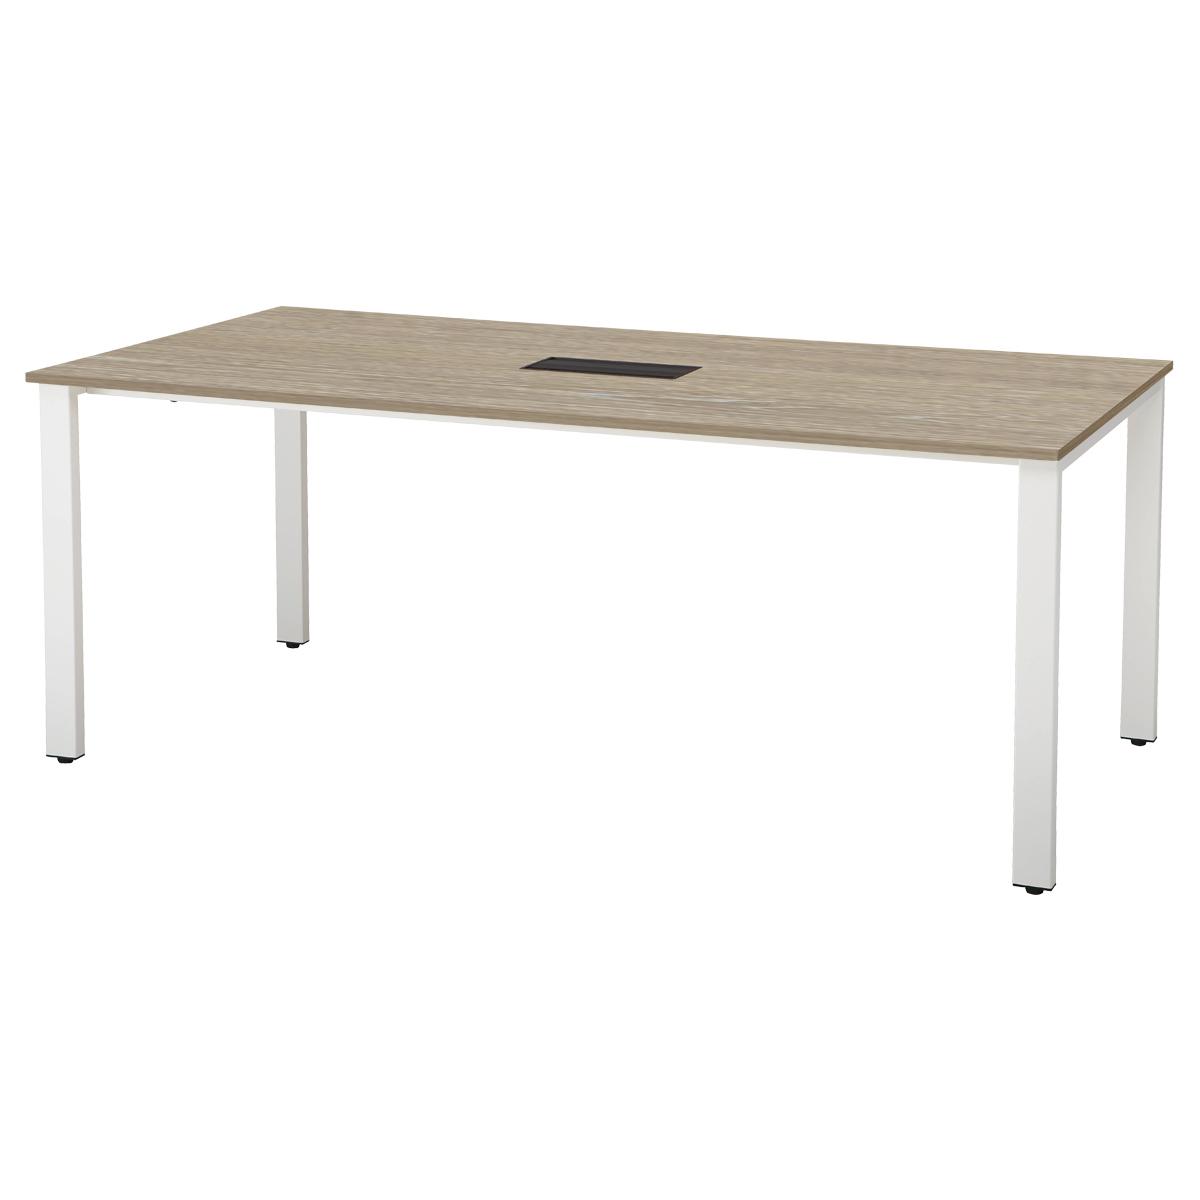 オフィス用ミーティングテーブル REVシリーズ W2100 D900 H720  ナチュラル